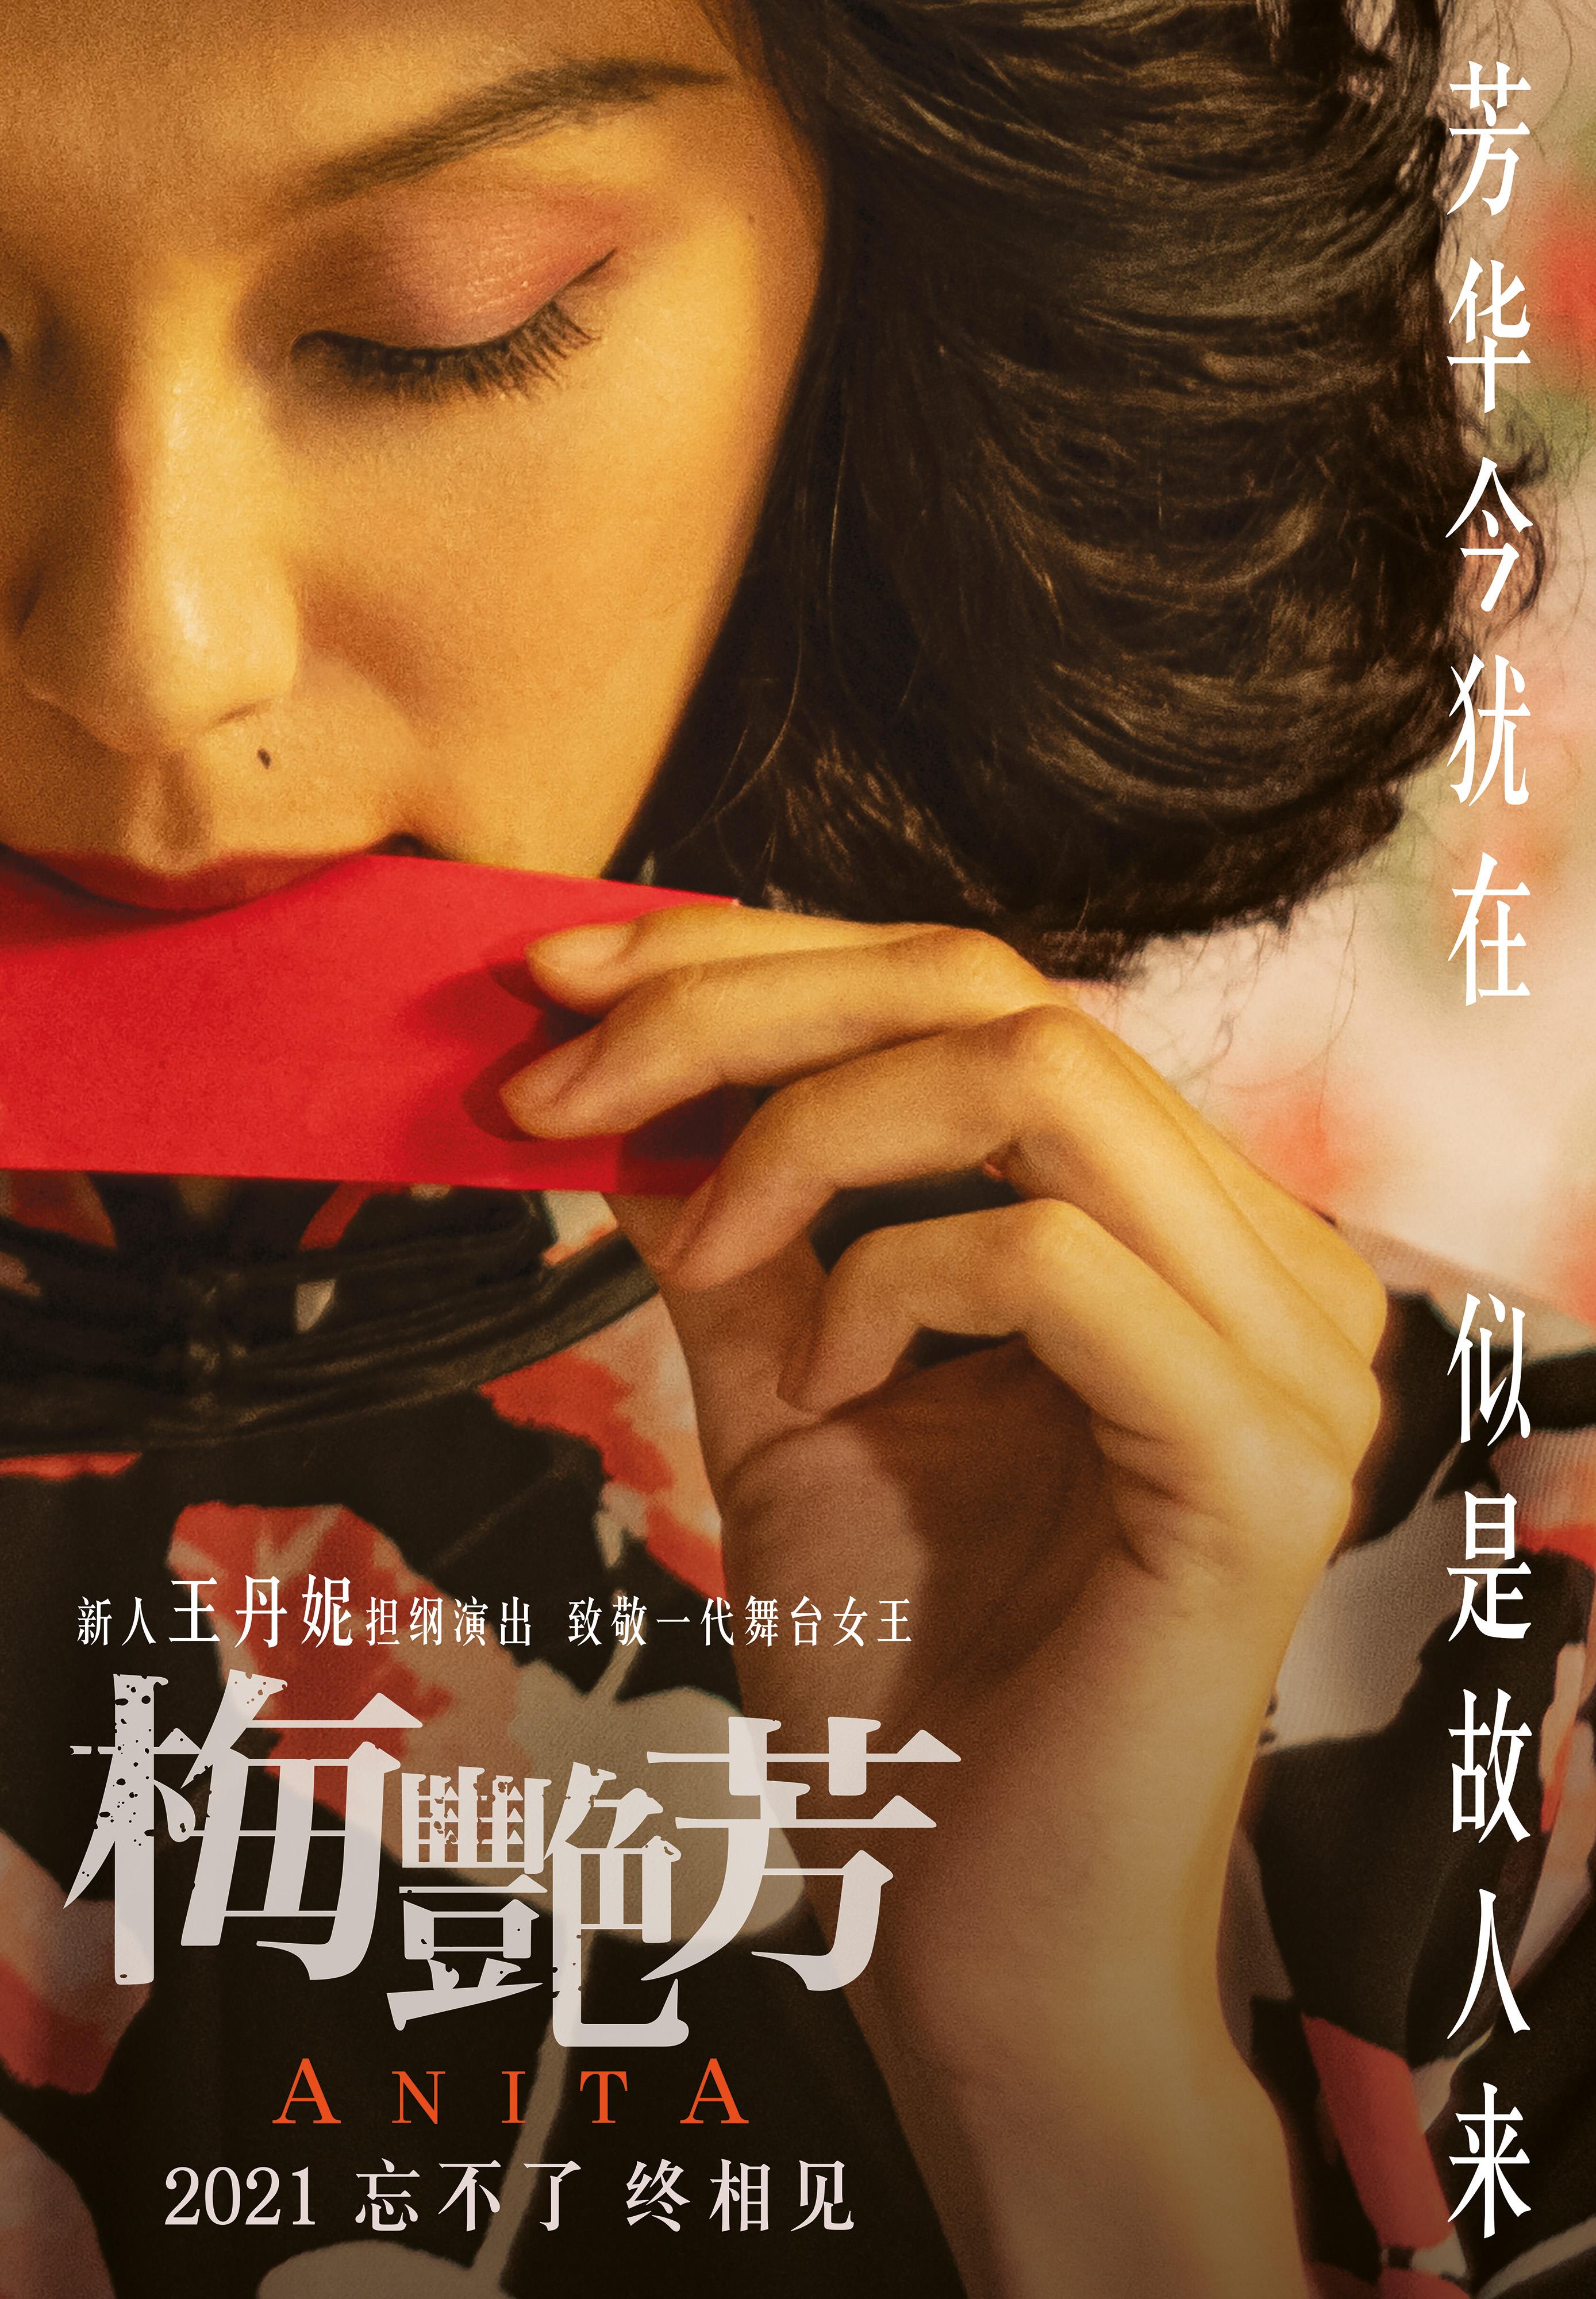 娱乐新新闻_传记影戏《梅艳芳》曝预告海报新人演员王丹妮致敬演绎梅艳芳一颦一笑皆是回忆